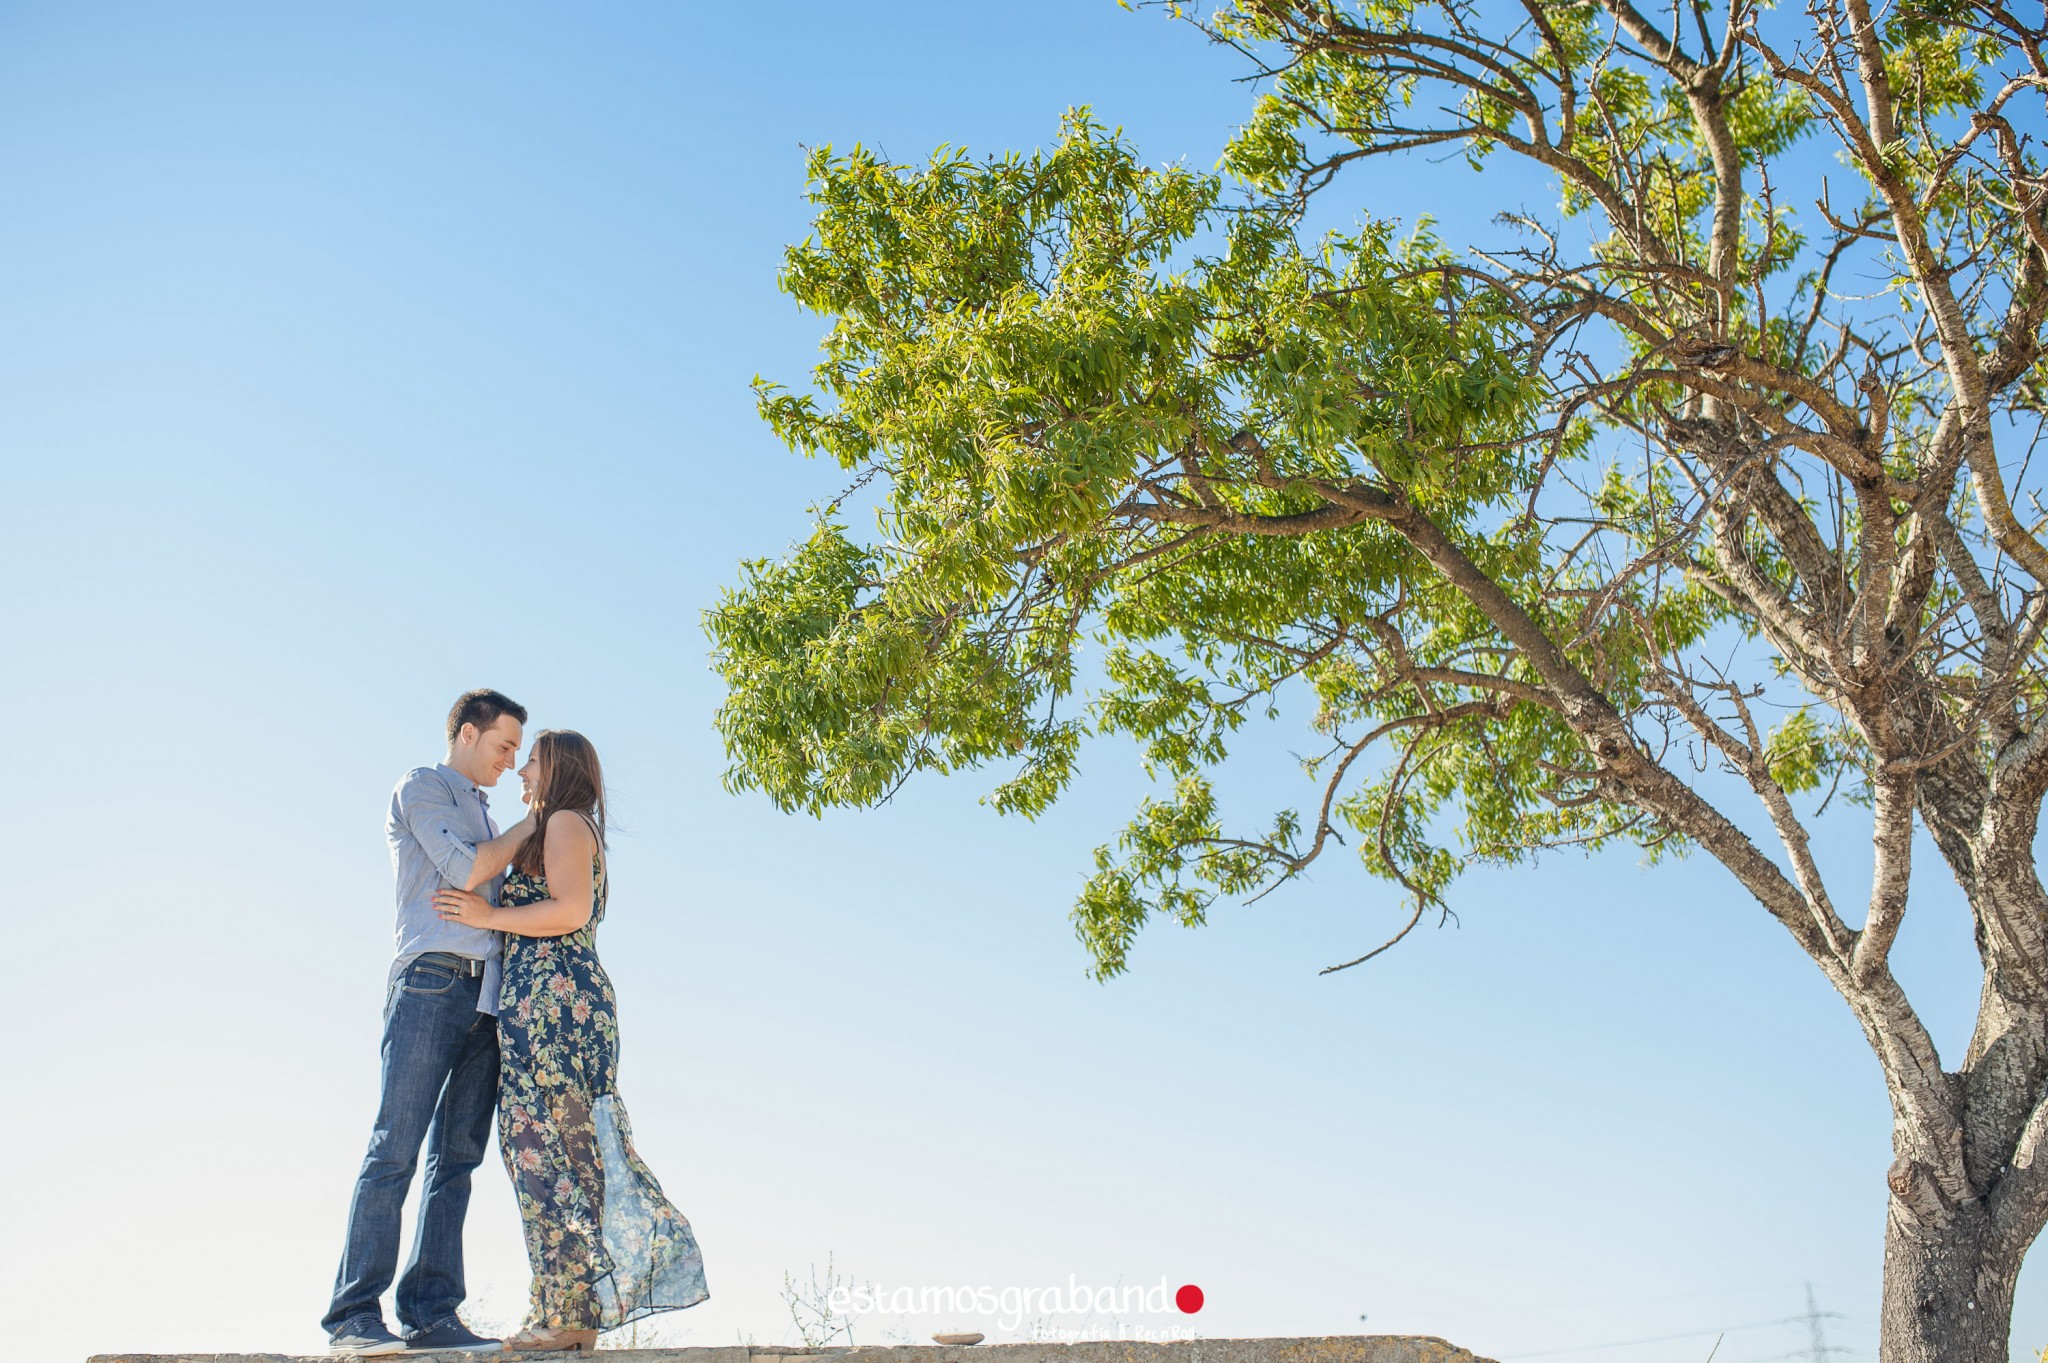 preboda-may-y-sergio-preboda-sesion-rec-and-rollera-fotos-de-pareja-e-session-fotos-boda-jerez-fotos-boda-jerez_-5 10 días [Preboda May & Sergio] - video boda cadiz